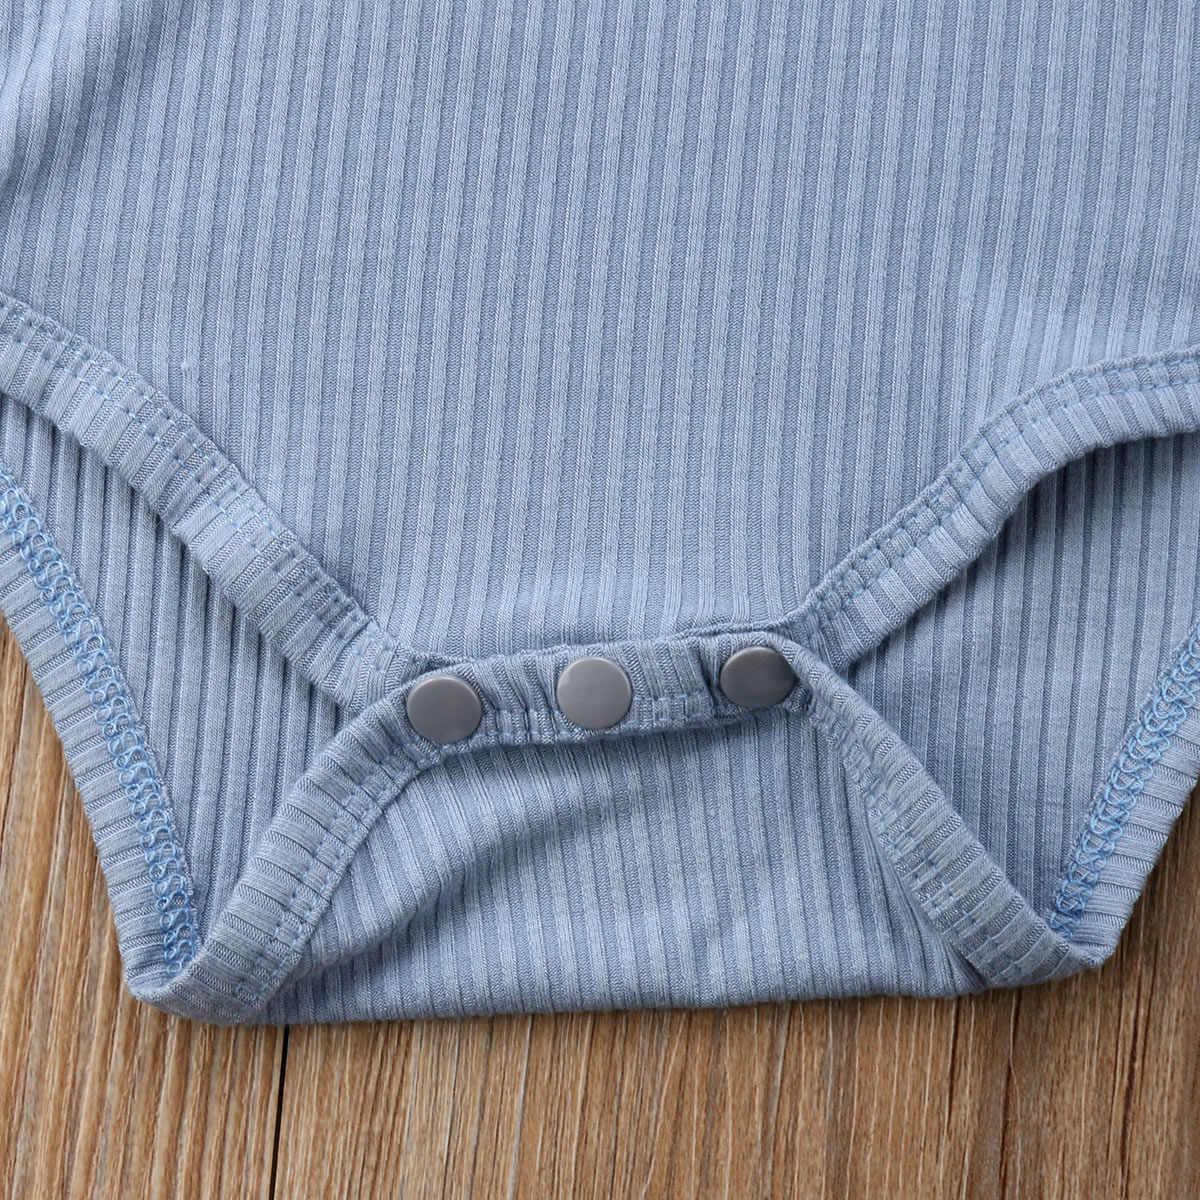 0-24 m bebê recém-nascido da criança bodysuit menino menina sem mangas algodão bodysuit macacão outfit cor pura casaul roupas 5 cores